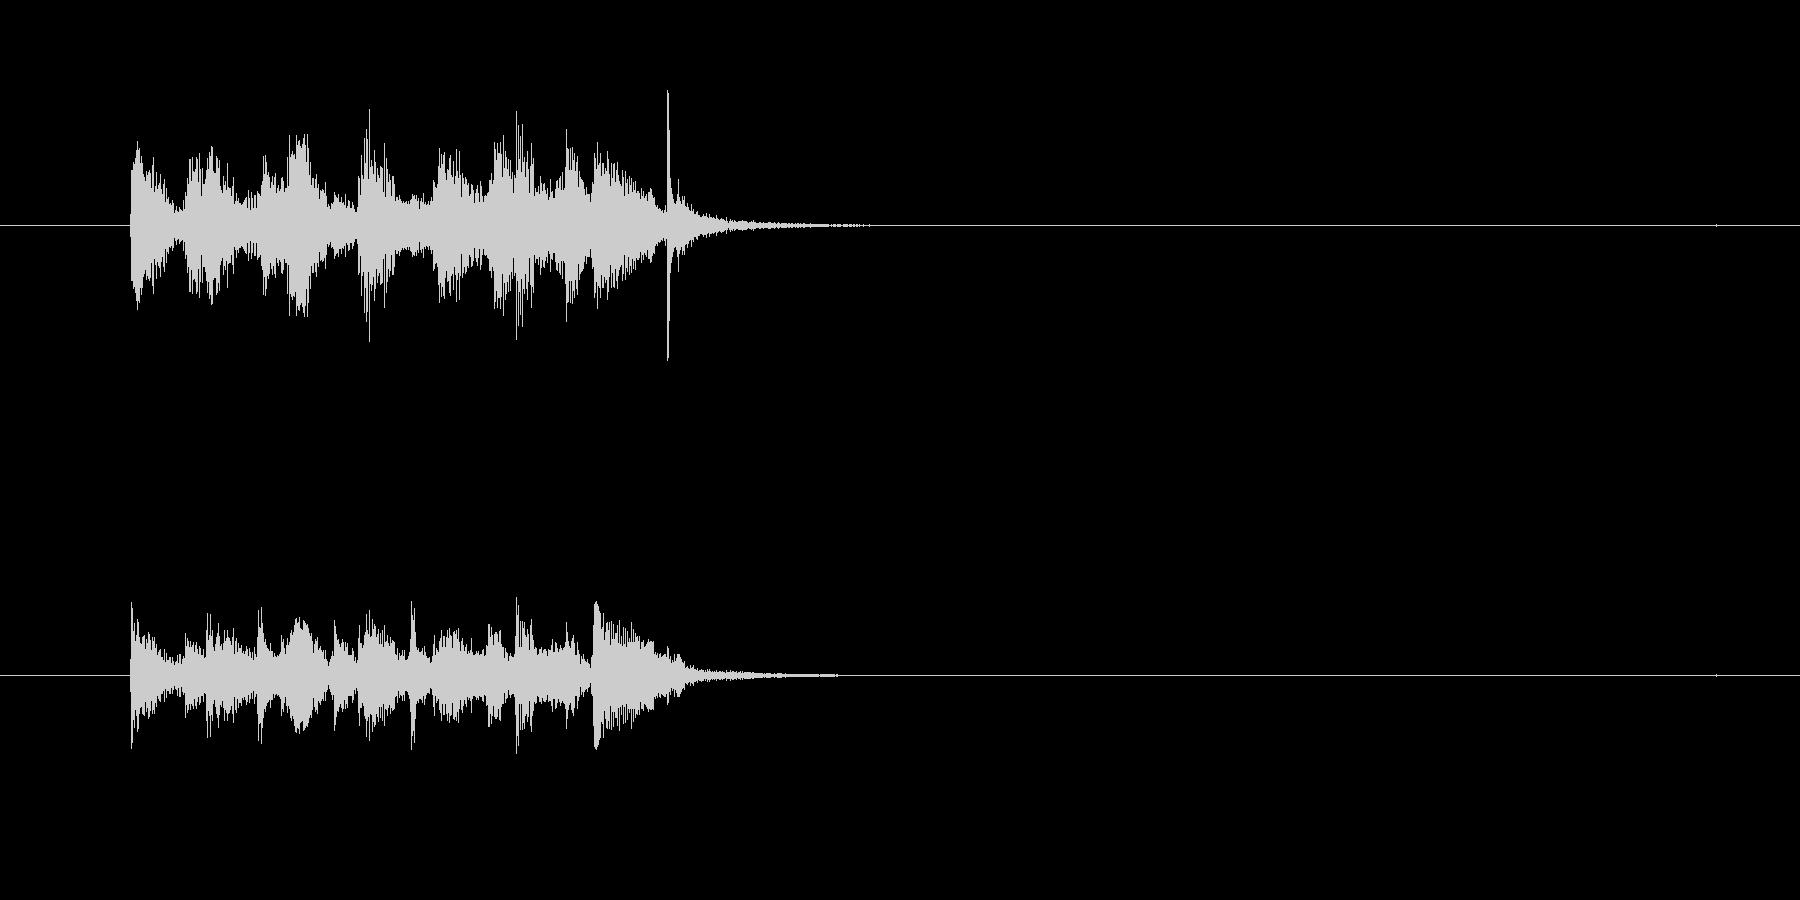 コミカル ギャグ シンセサイザー ボケの未再生の波形